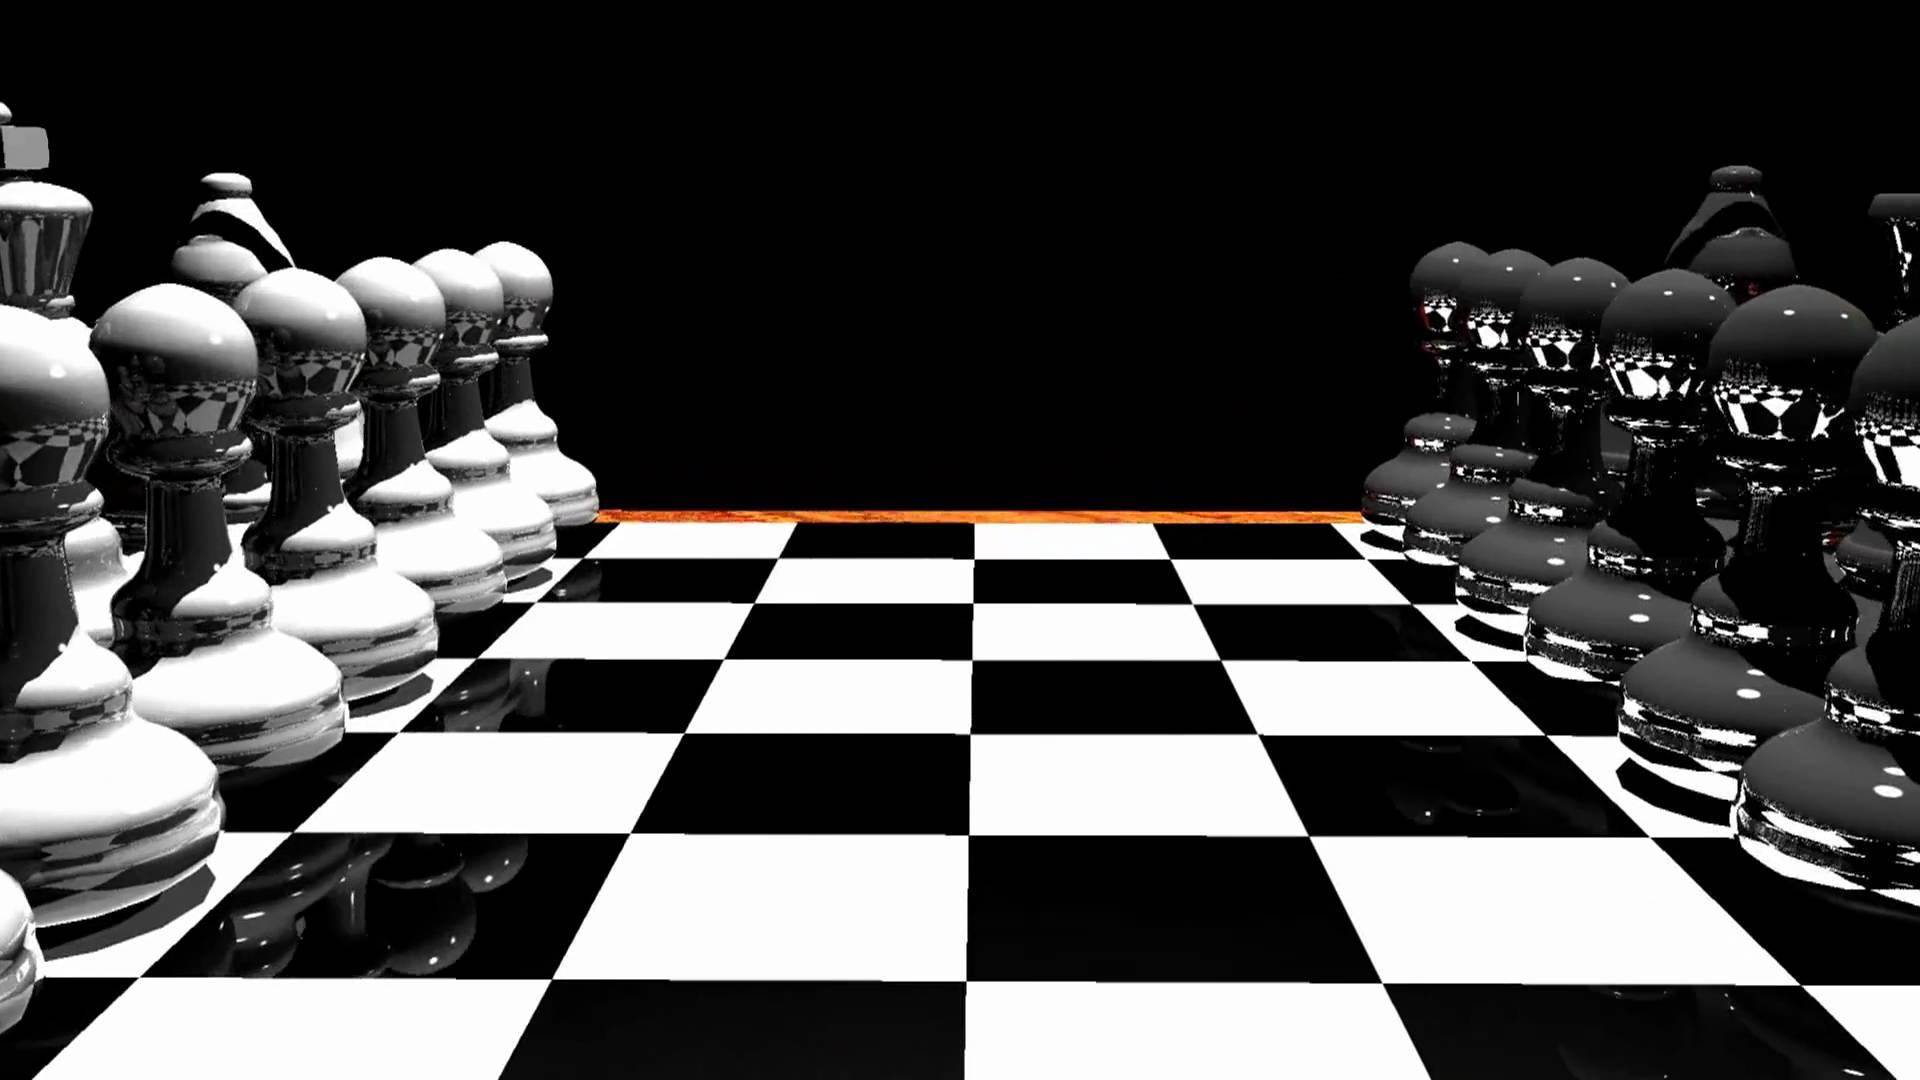 Шахматы 3D распечатать на принтере